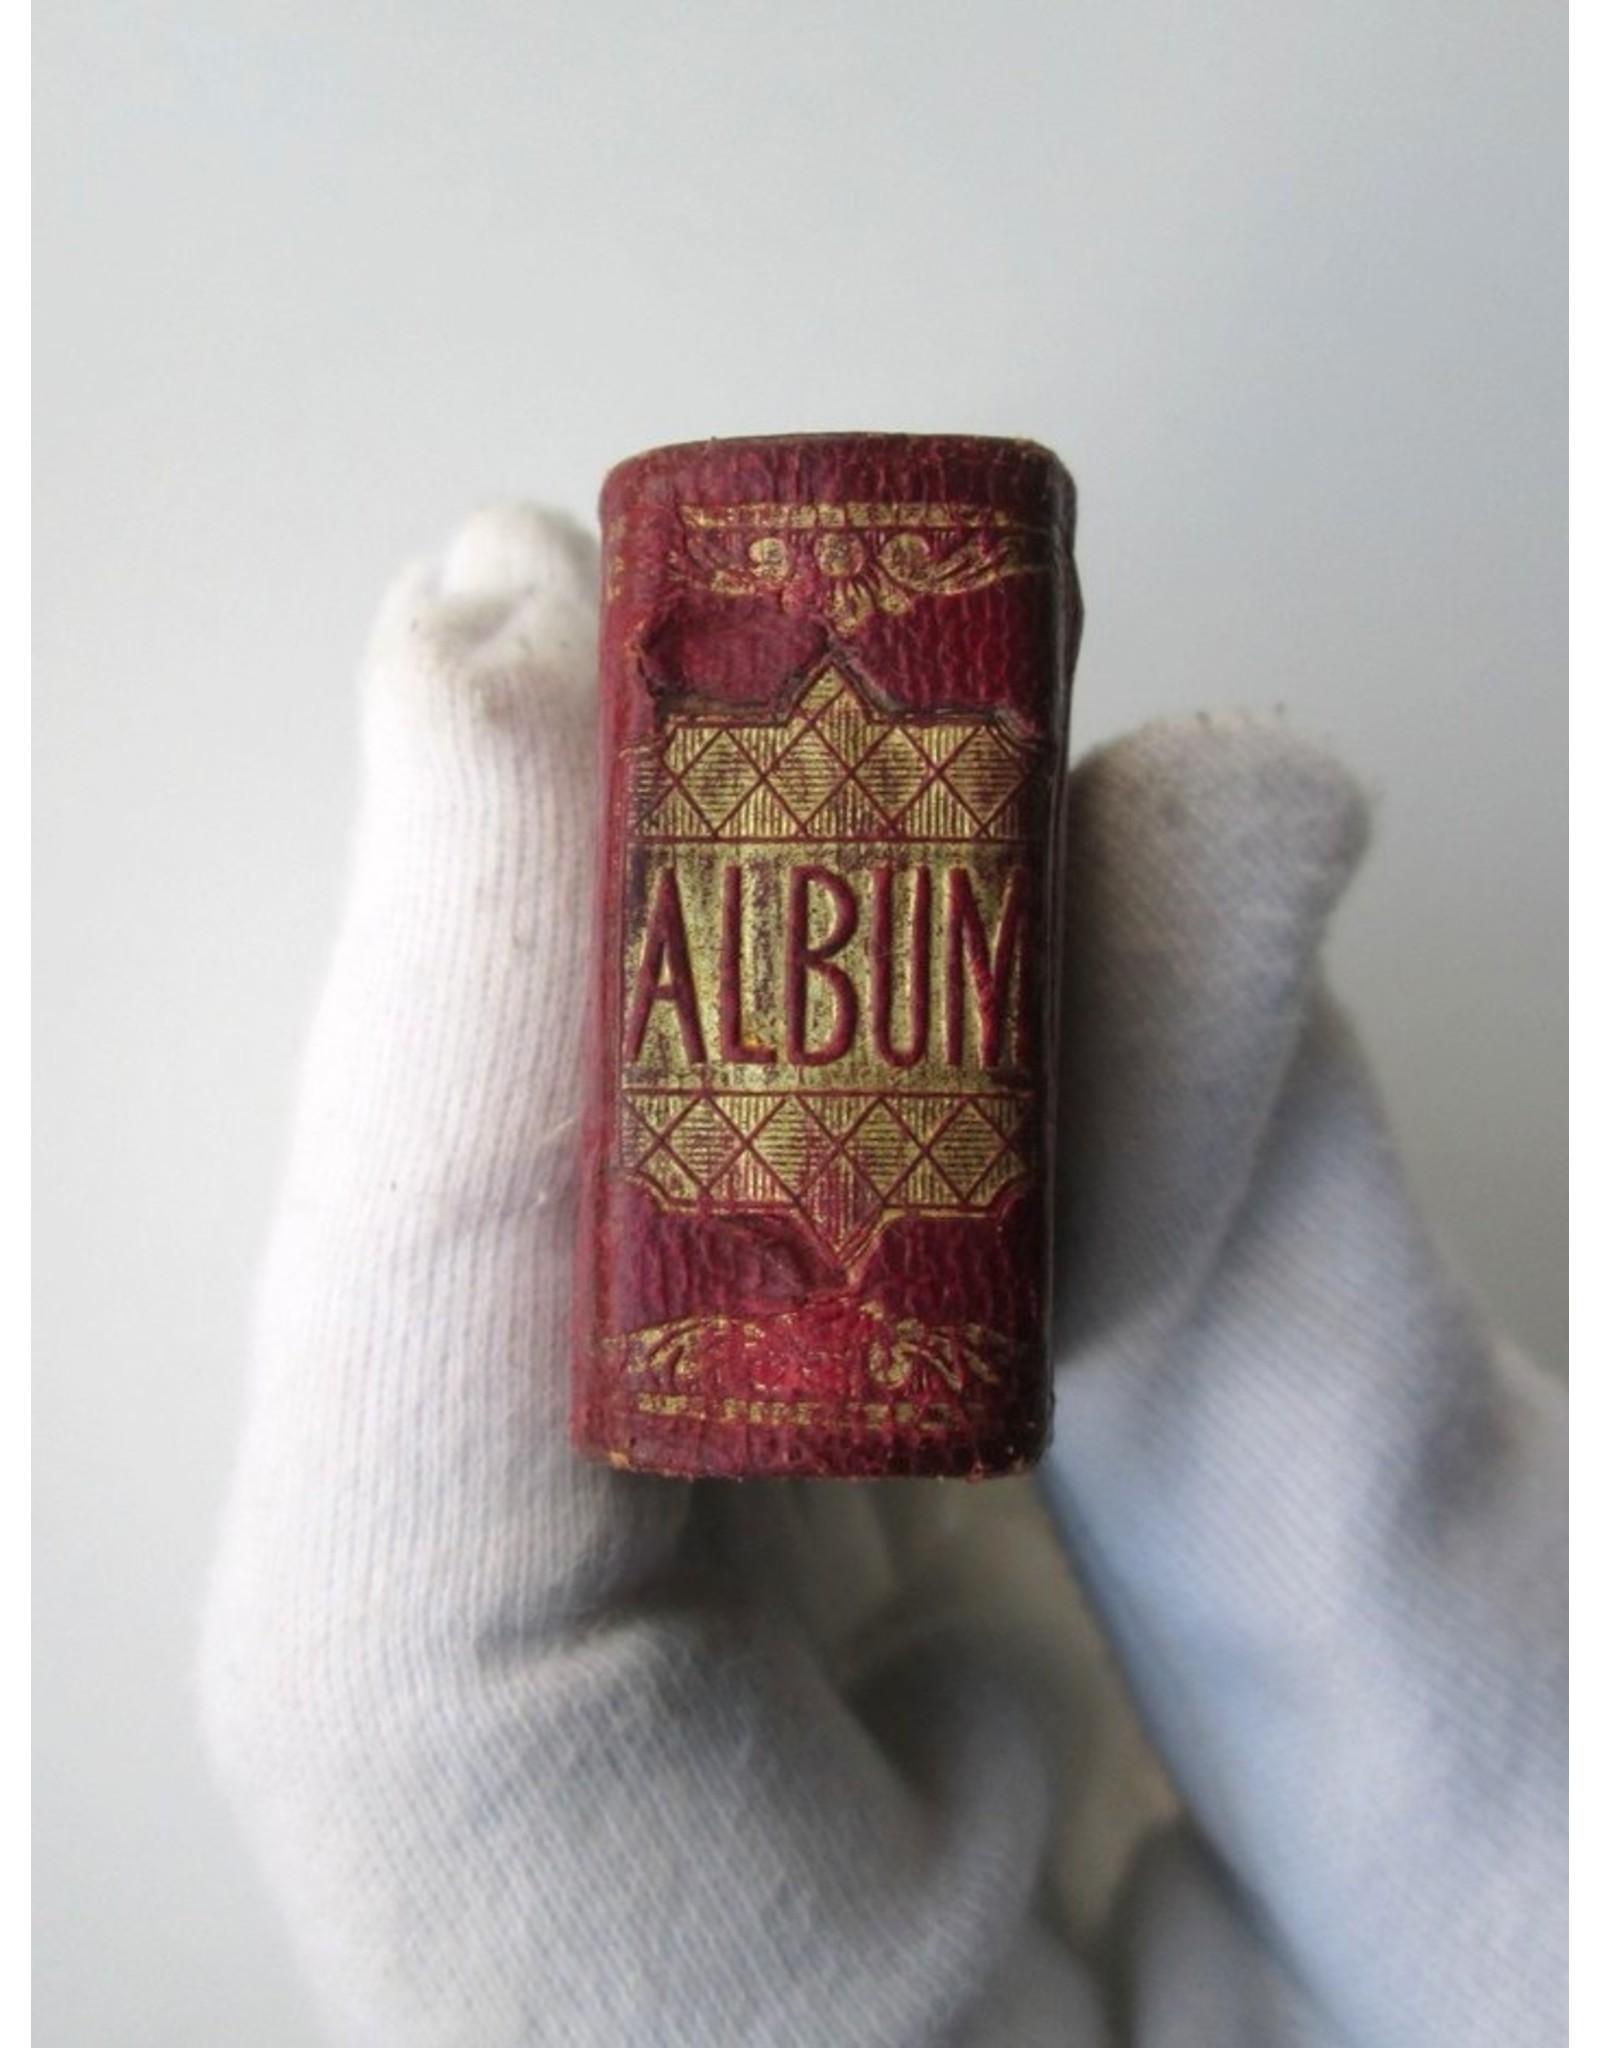 [Fotografica] - Album: [Miniature photo album]